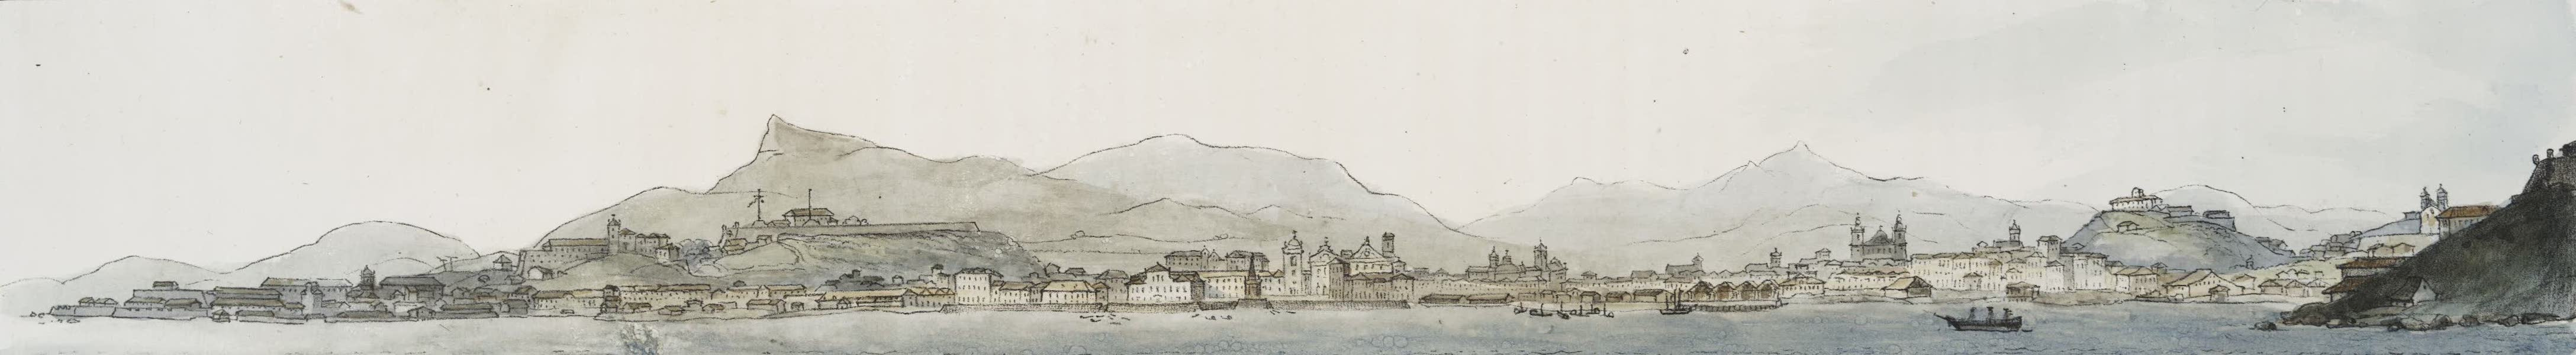 Voyage Pittoresque et Historique au Bresil Vol. 3 - Vue generale de la Ville, du cote de la Mer (1839)